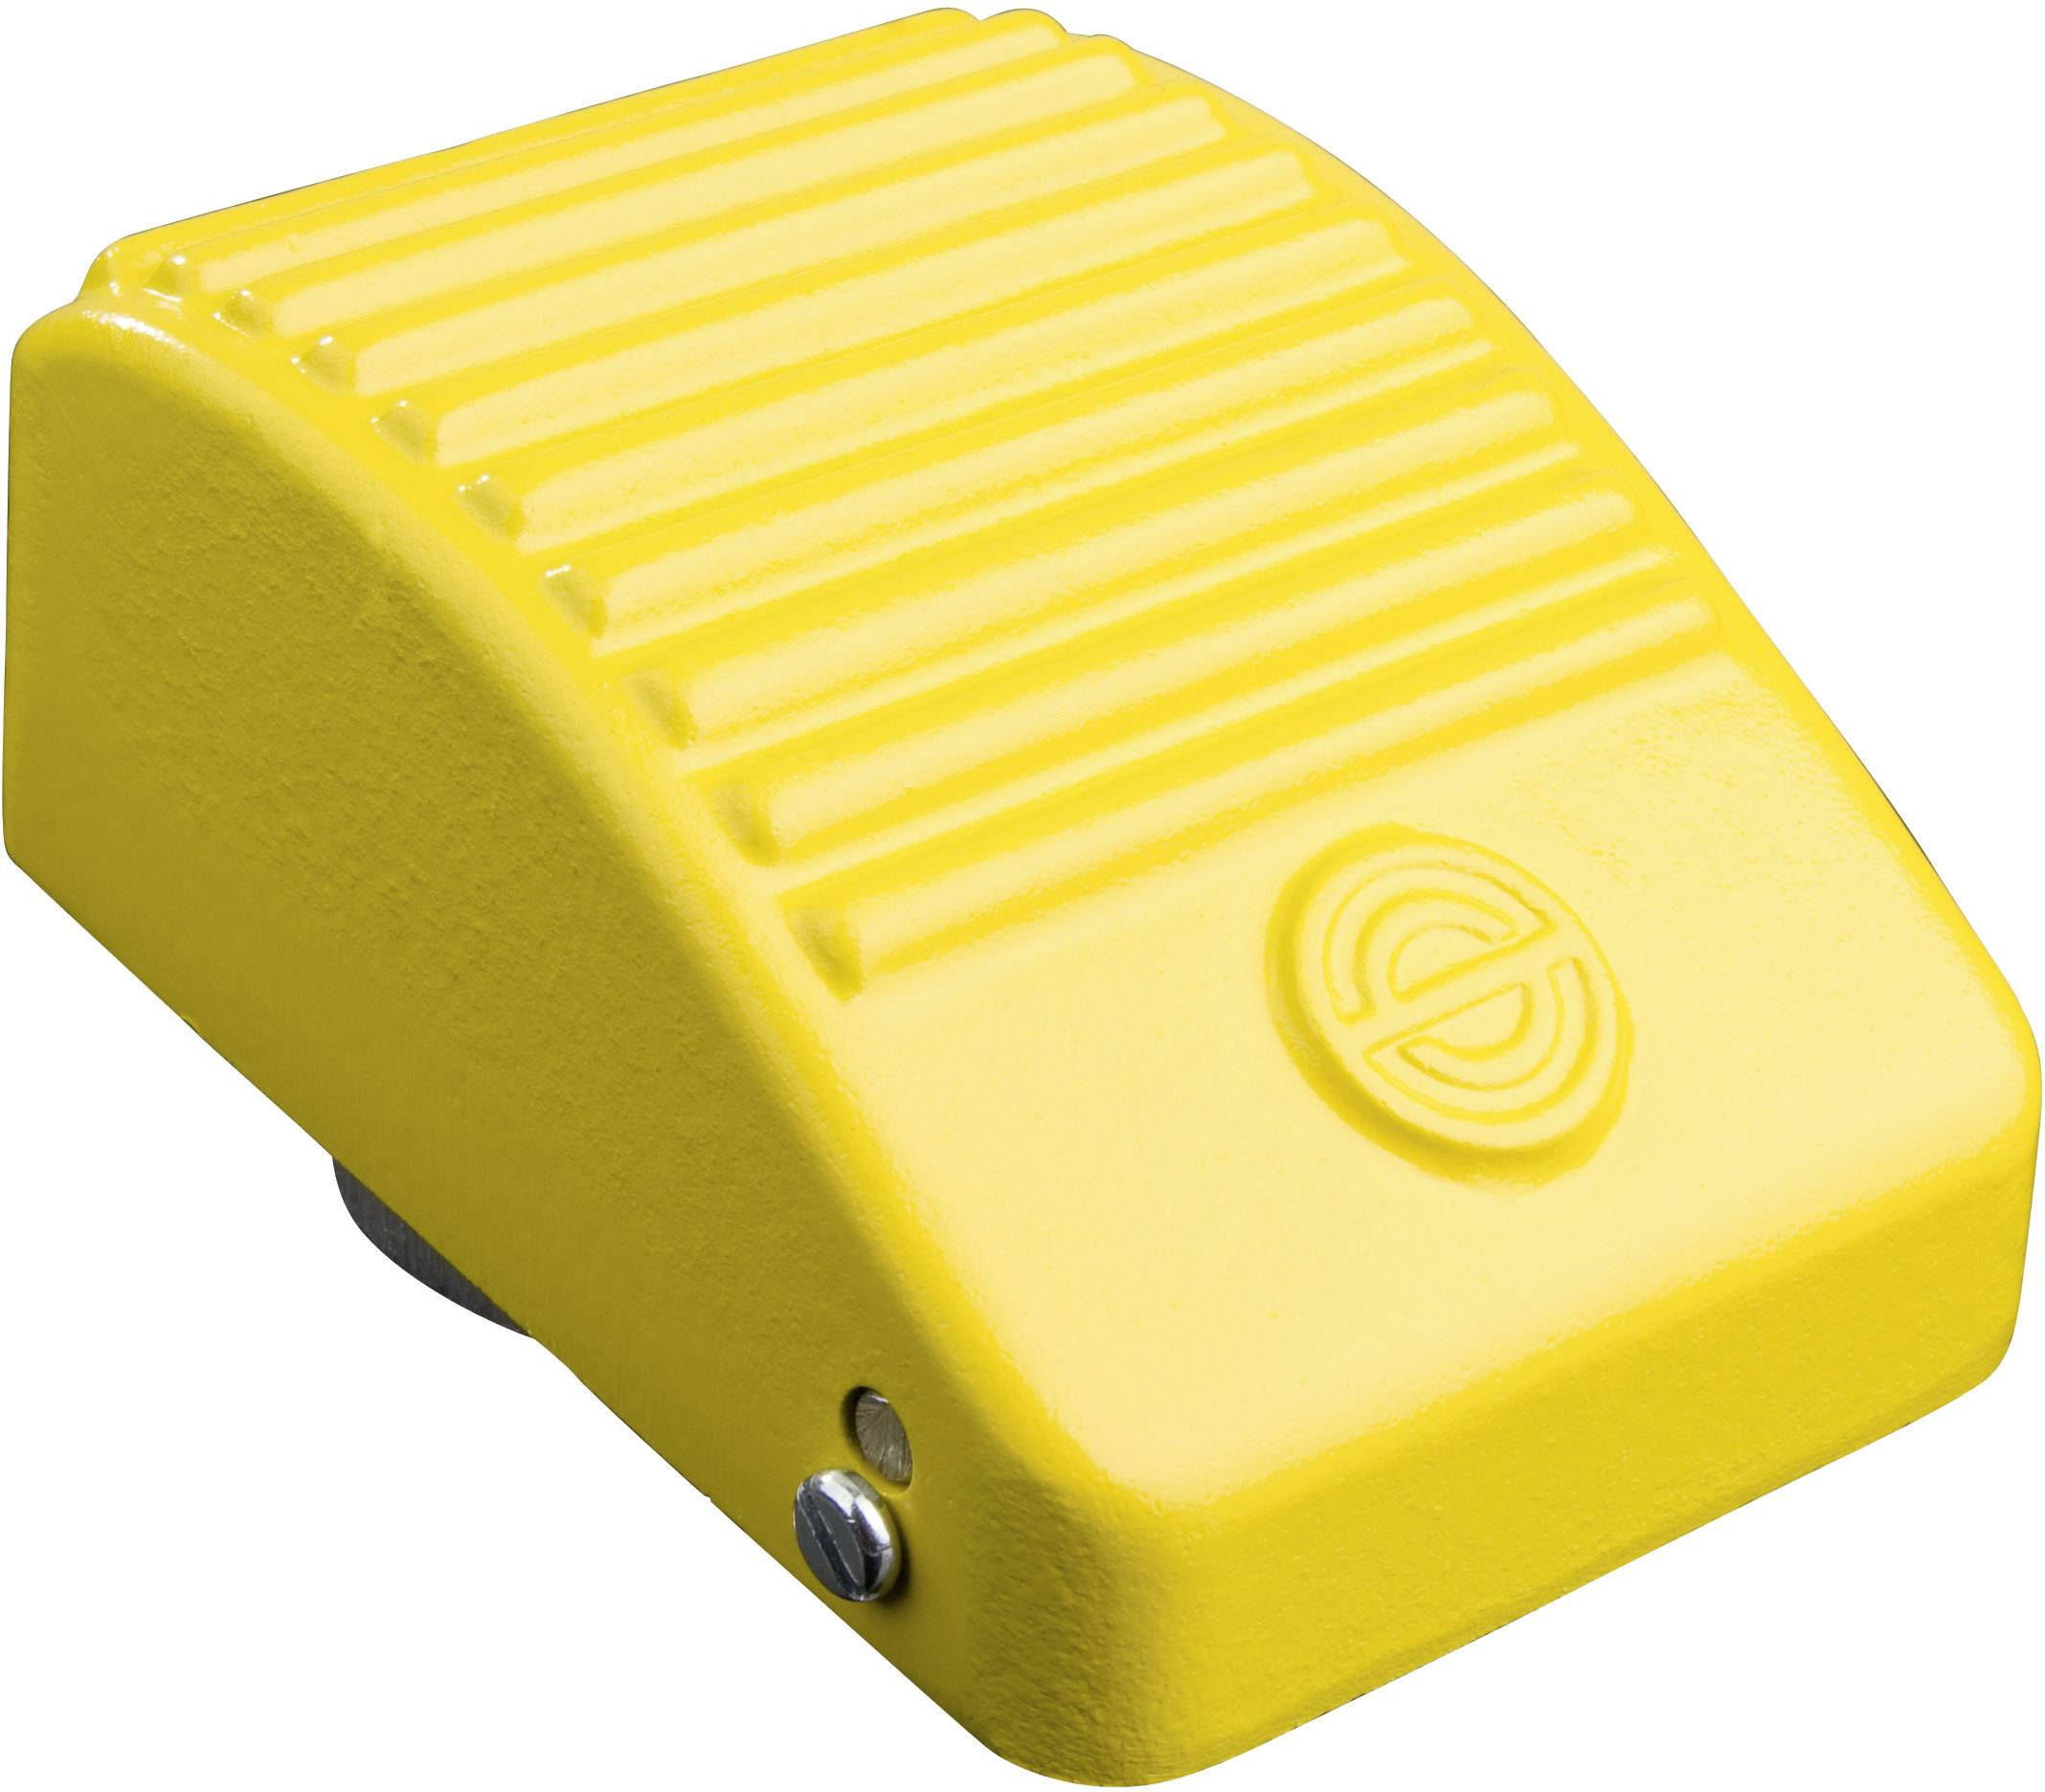 Nožné / ručné tlačidlo Schlegel KEF YE, 250 V/AC, 10 A, 1 spínací, 1 rozpínací, 1 pedál , IP65, 1 ks